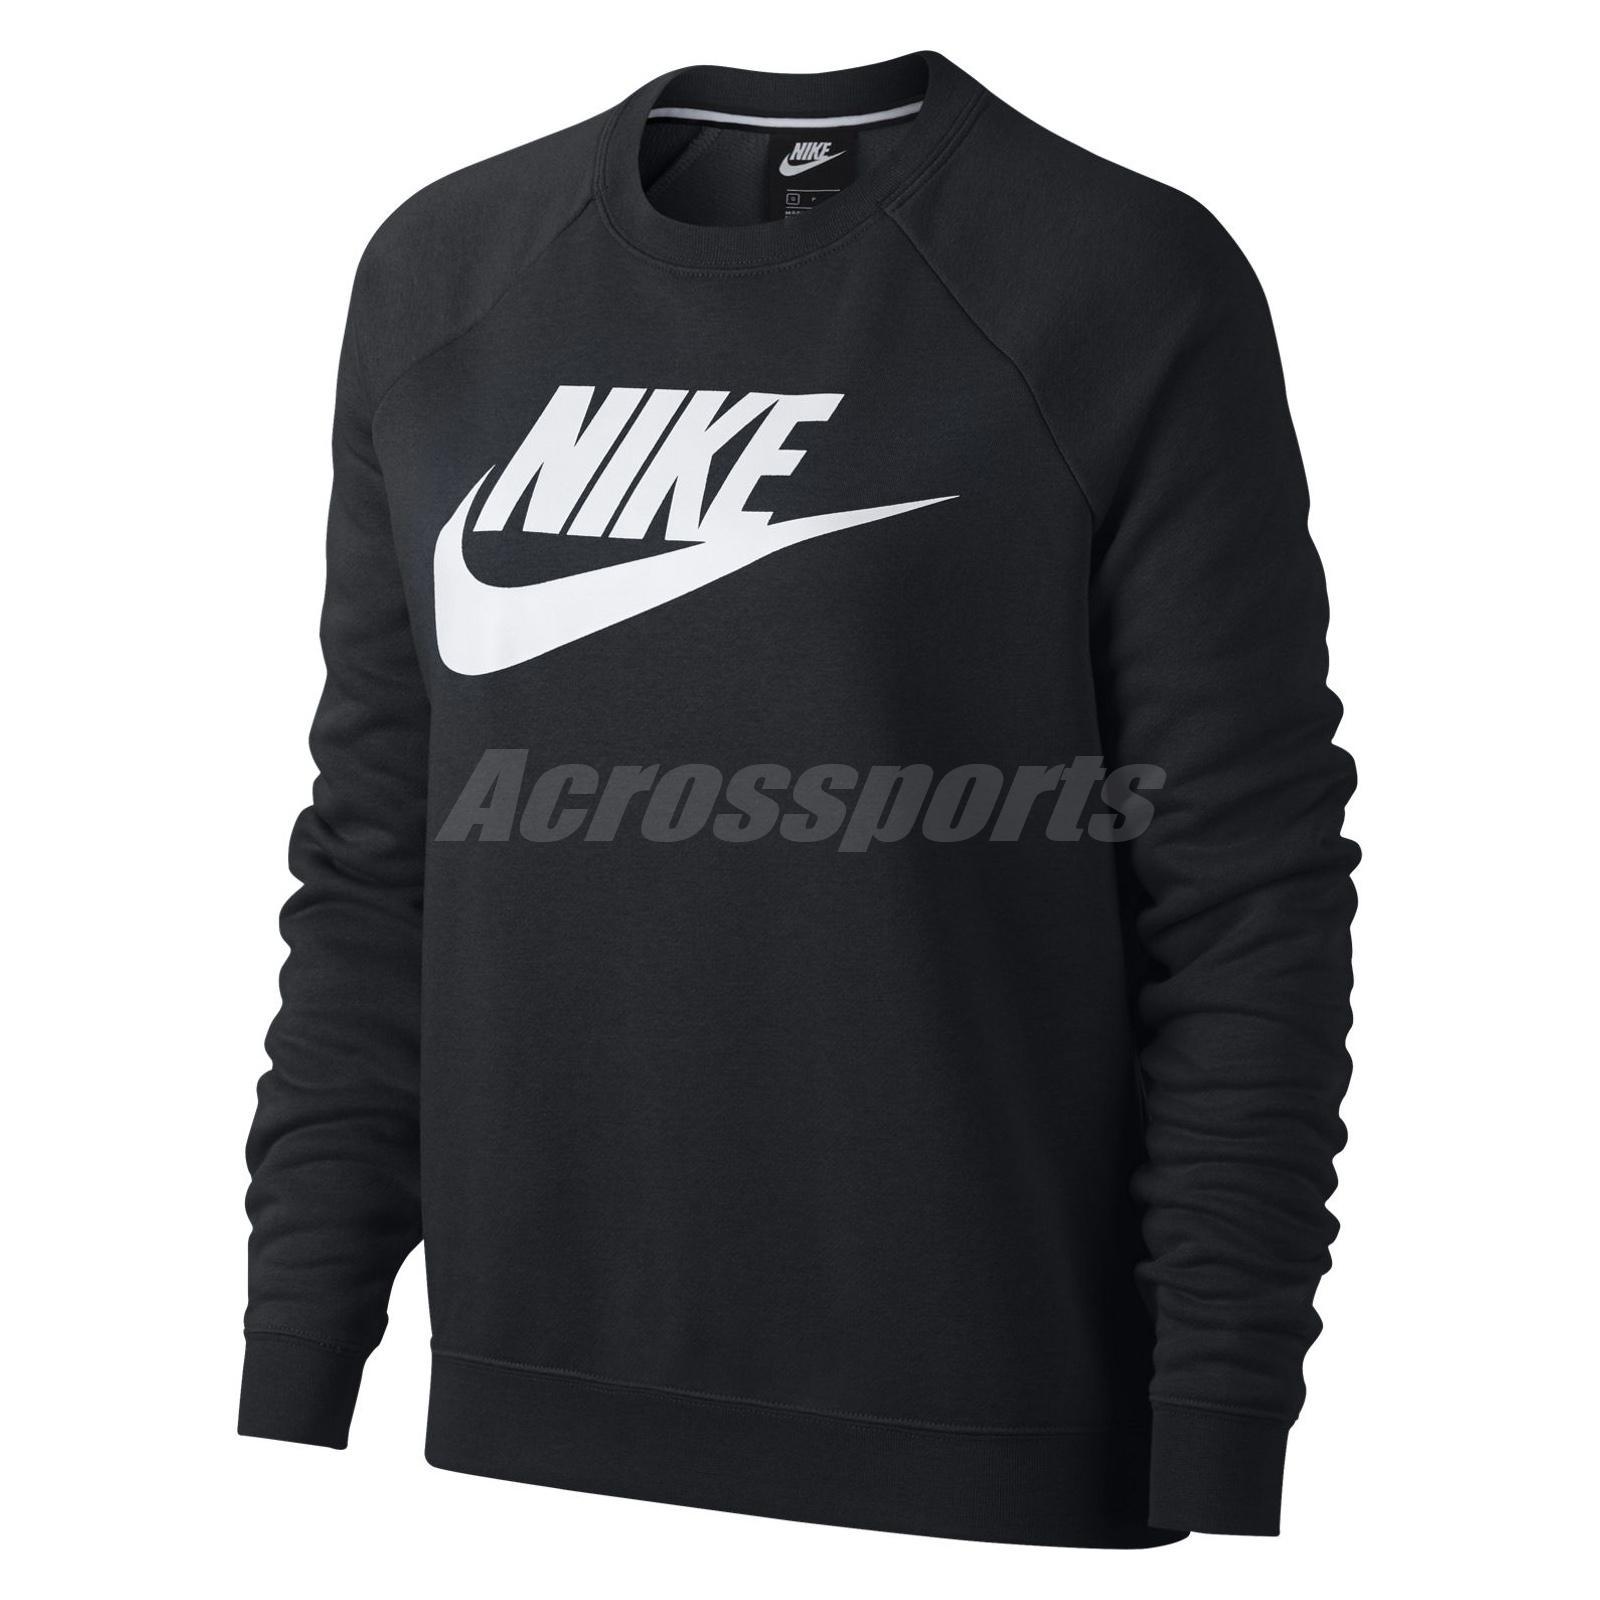 78161492 Details about Nike Women Sportswear Rally Sweatshirt Training Workout  Fitness Black 930906-010